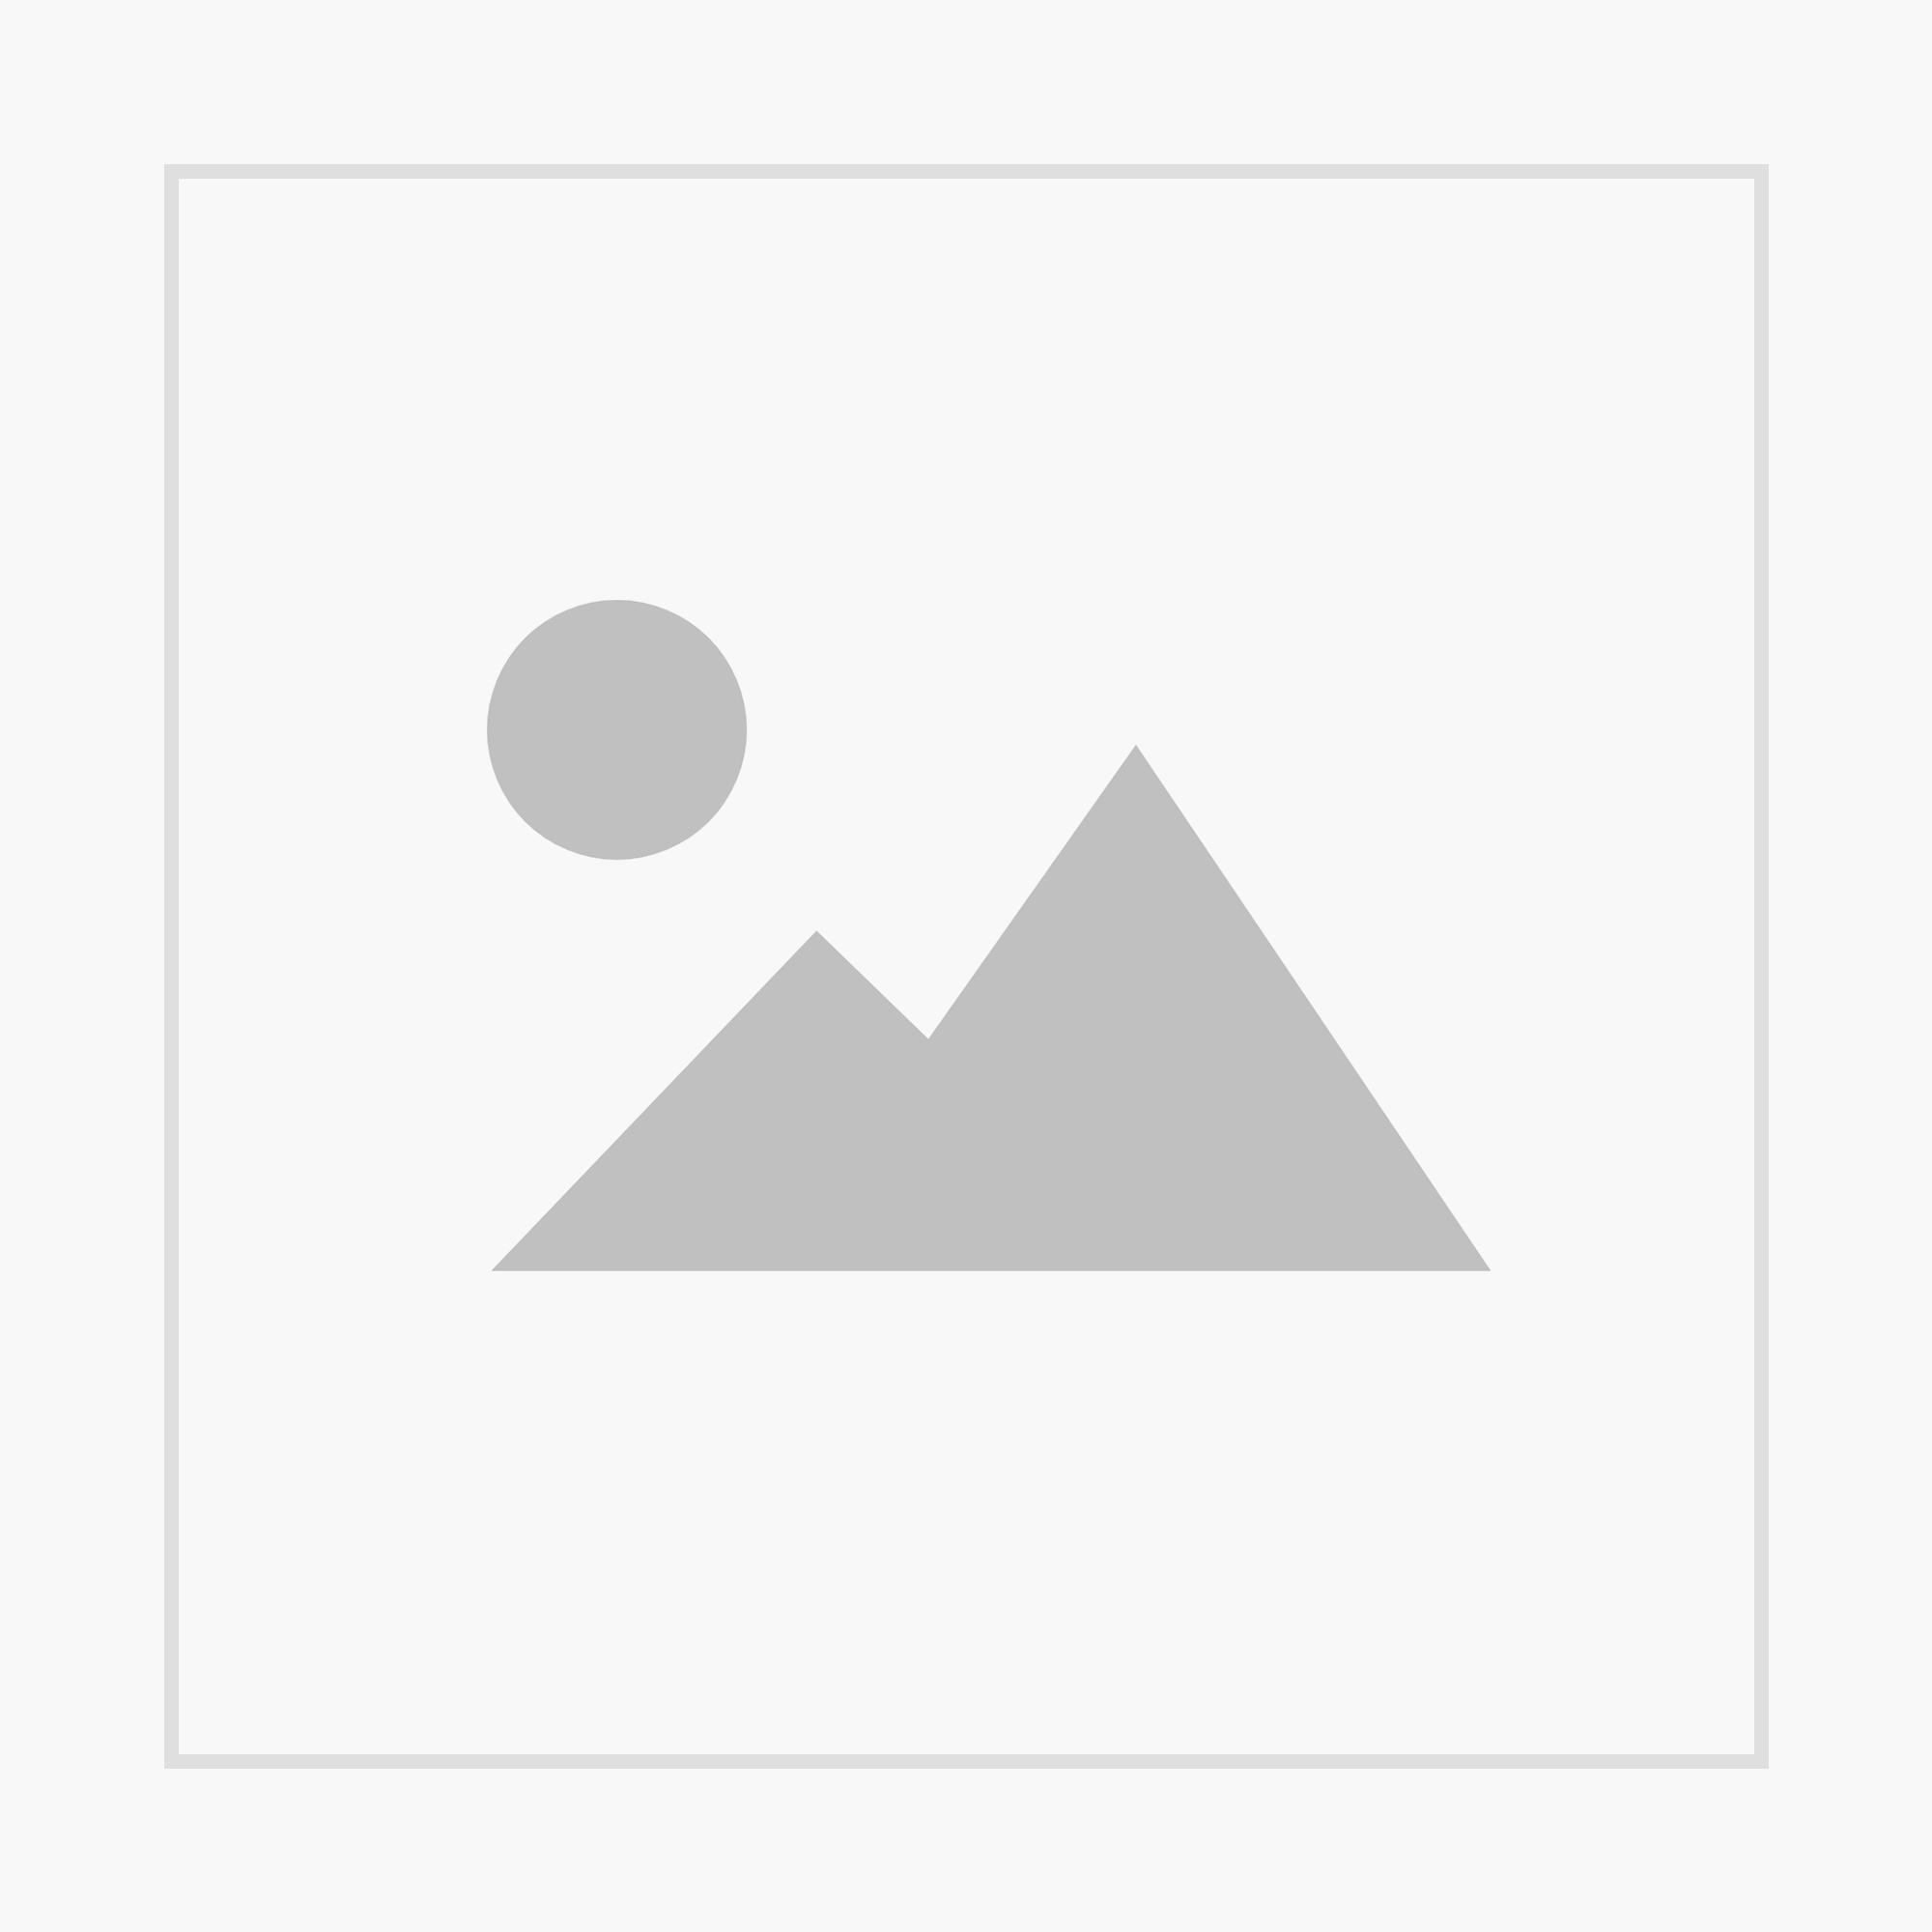 LuN Heft 43: Biologische Daten für die Planung. Auswertung, Aufbereitung und Flächenbewertung